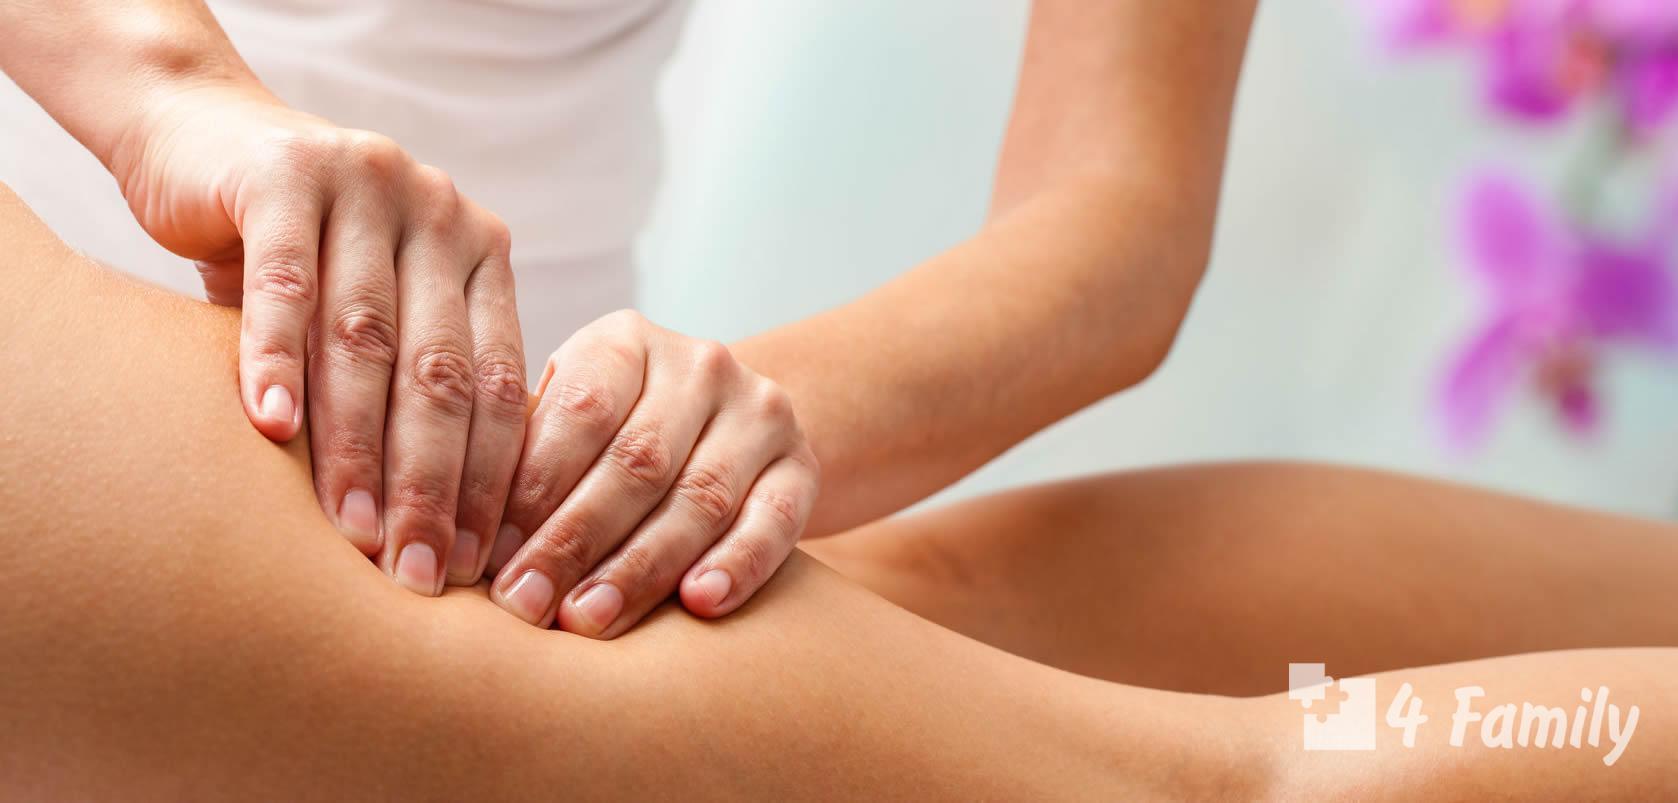 4family Как сделать массаж в домашних условиях